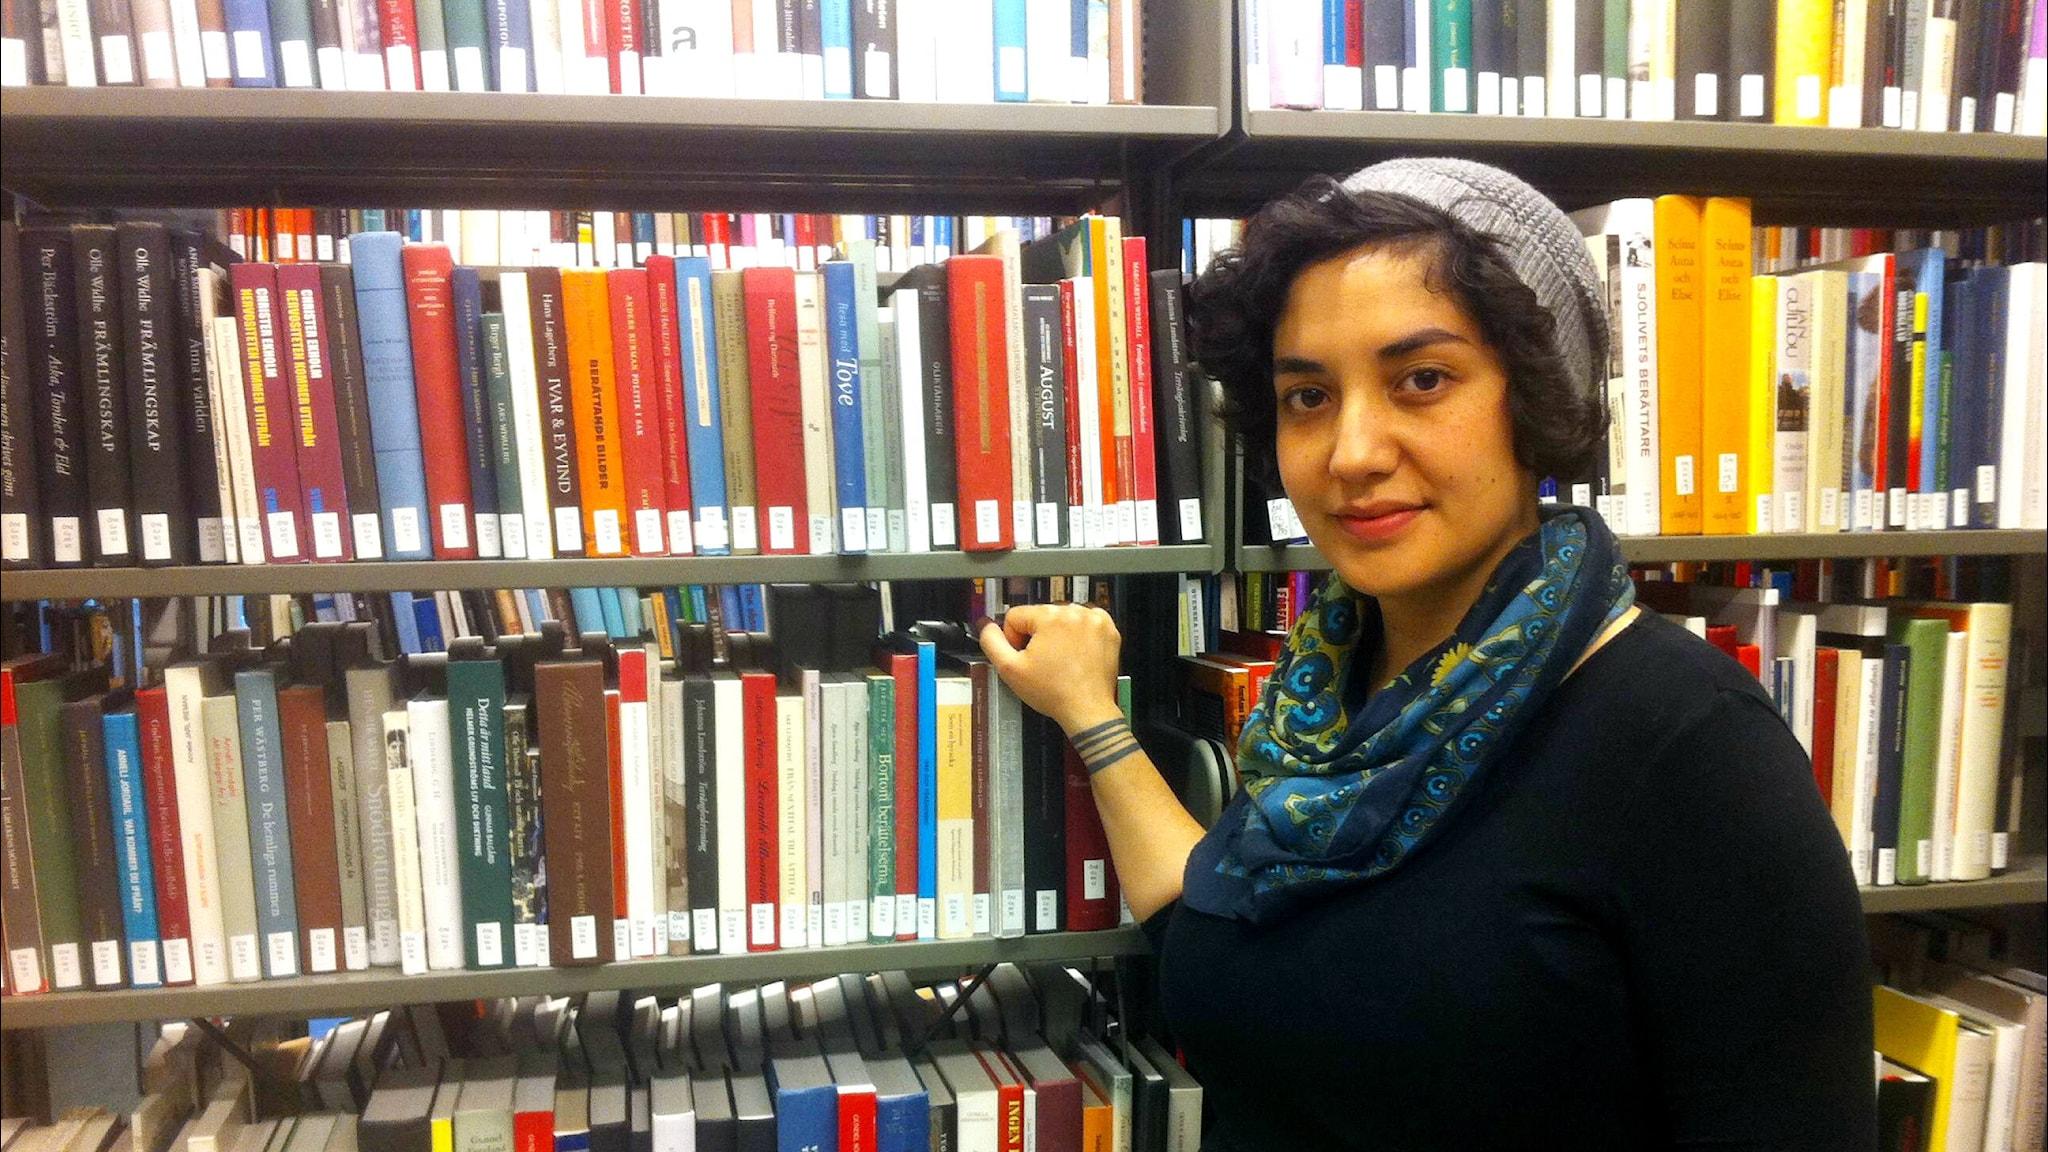 Meri Alarcon aikoo työskennellä kesällä kirjansa kanssa Göteborgin yliopiston humanistisen tiedekunnan kirjastossa. Kuva: Veera Jussila / Sveriges Radio